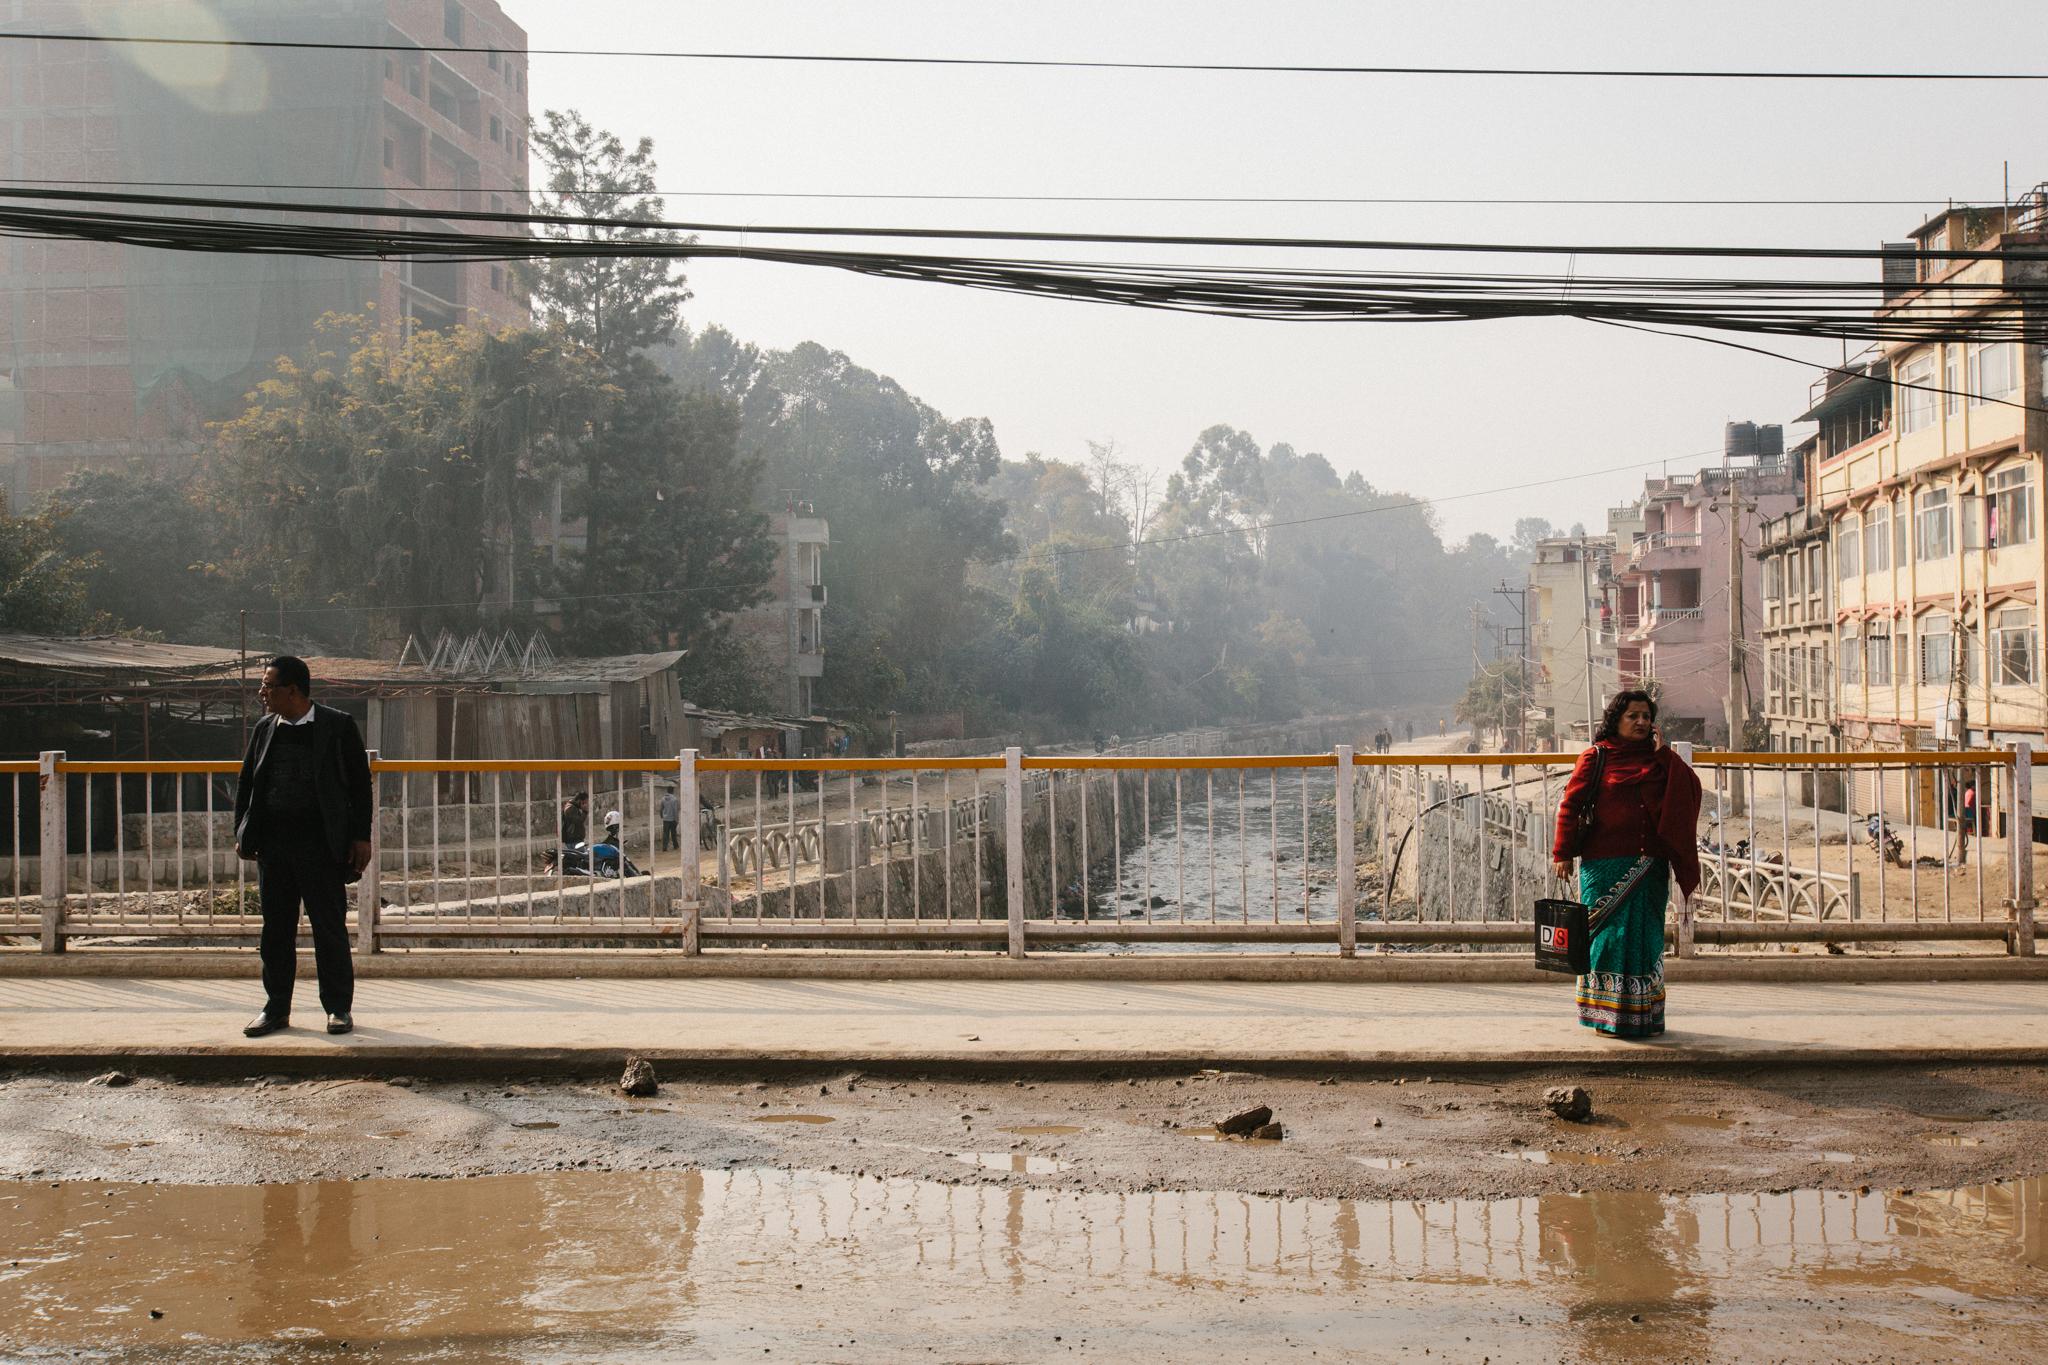 Nepal-Katmandu-5DMkII-22.jpg